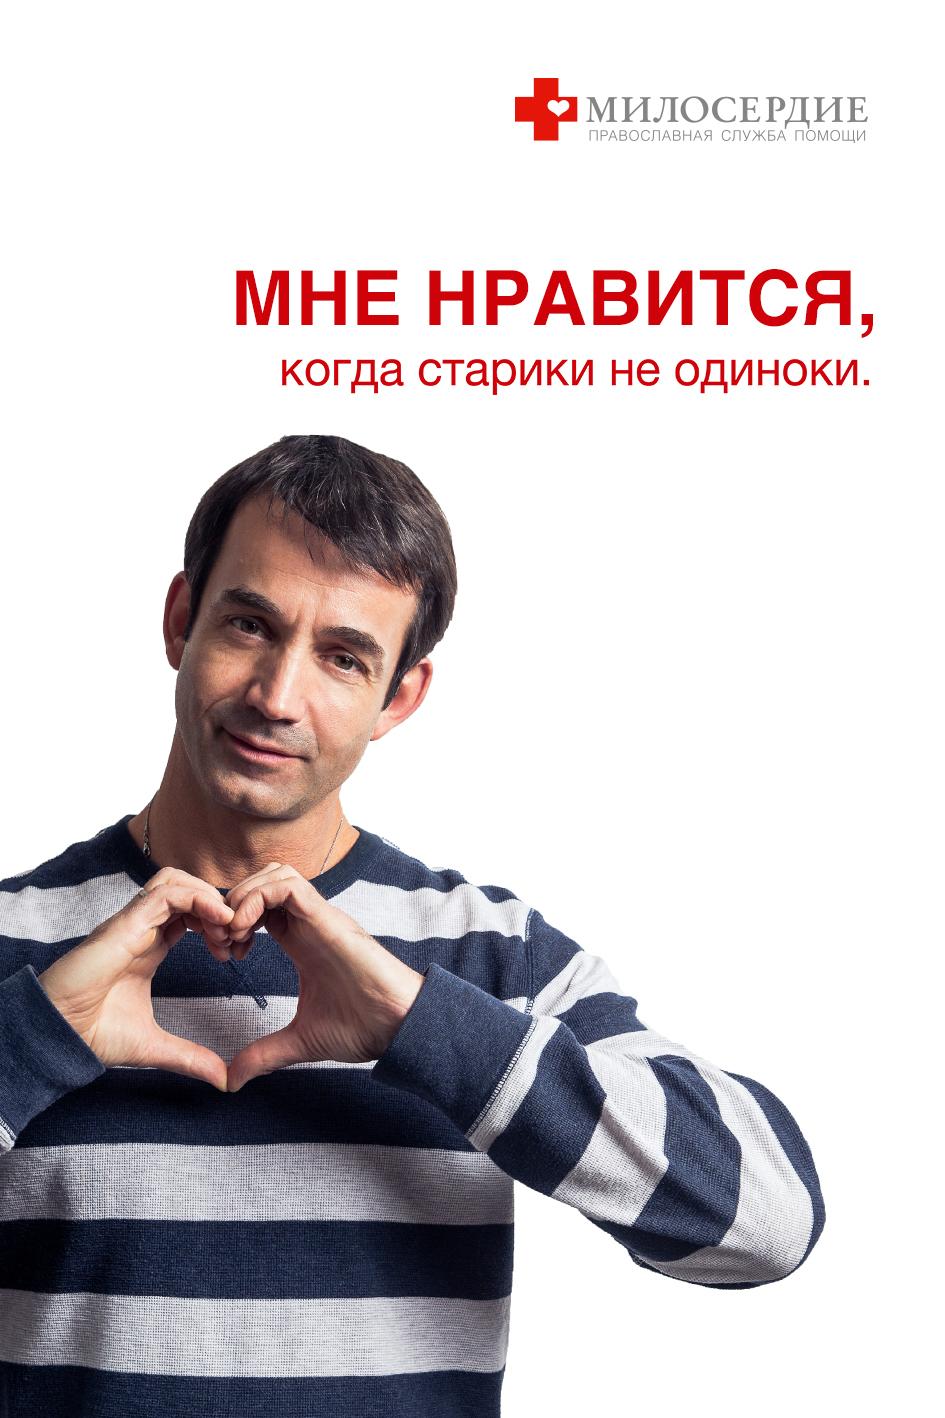 В России стартовала благотворительная акция «Мне нравится помогать» в пользу православной службы помощи «Милосердие»